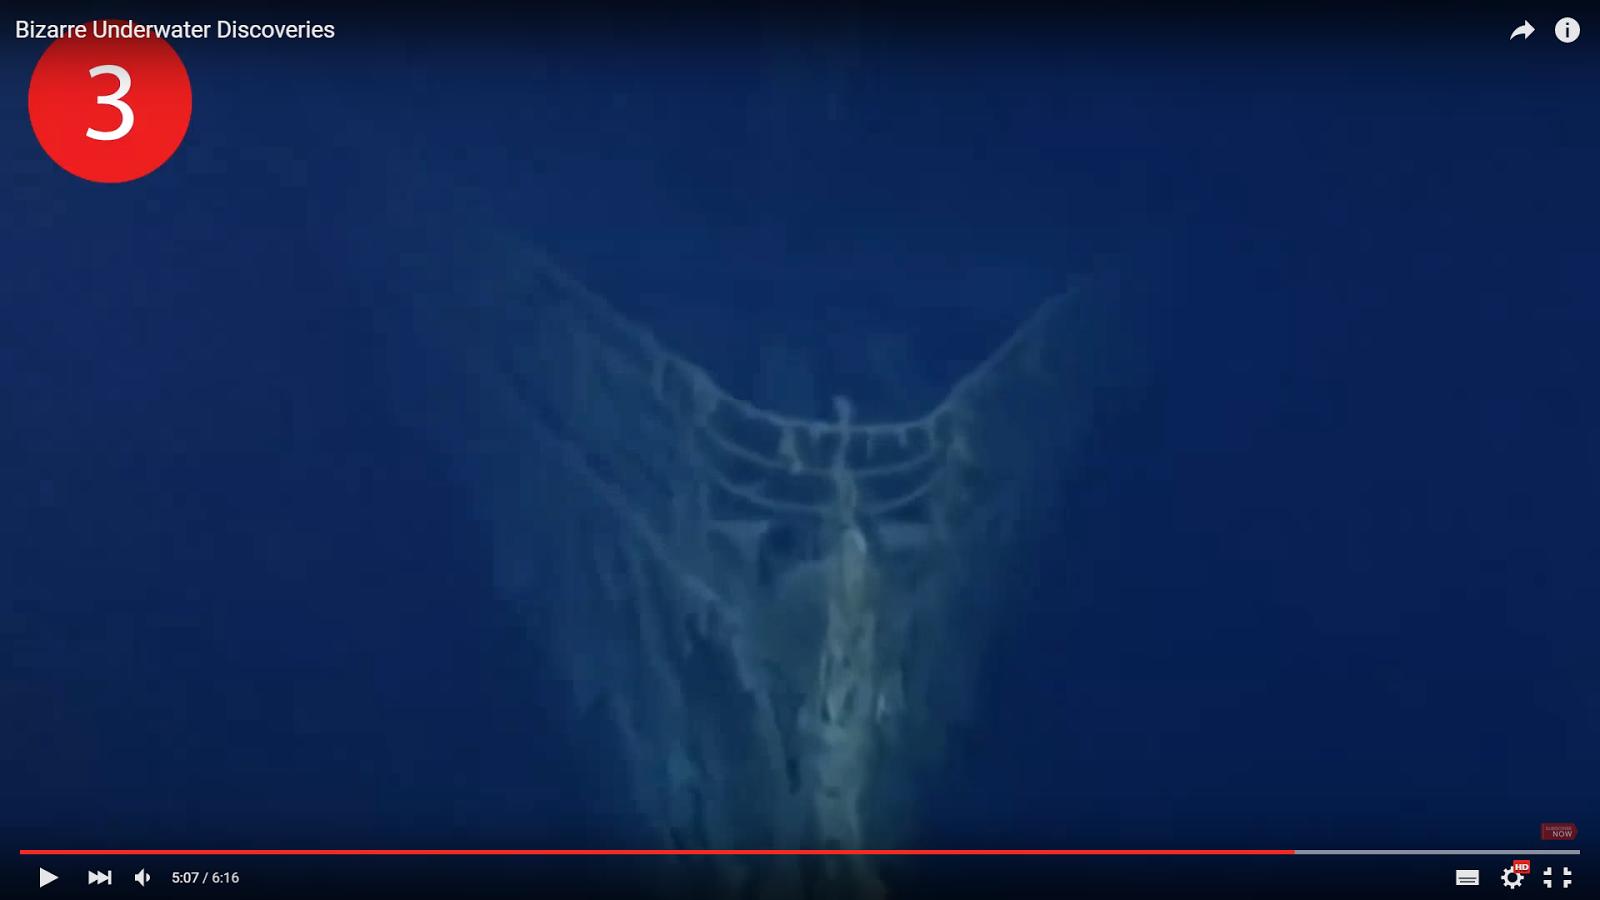 3. Titanic 1912